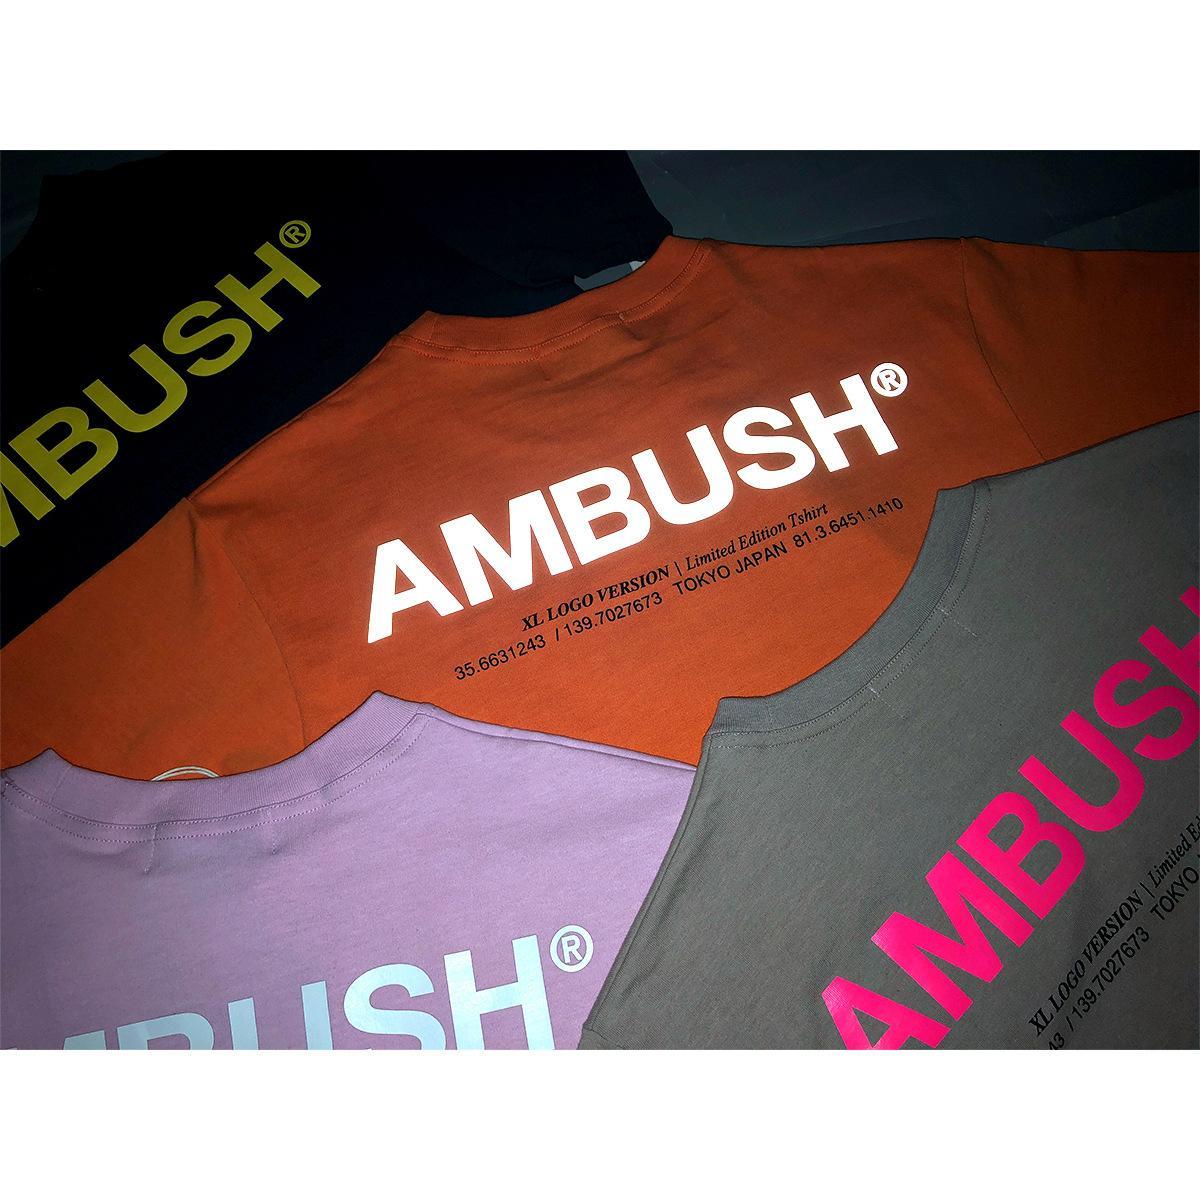 modelos básicos 19SS diseñador de moda que basa la Emboscada de manga corta de color naranja camiseta de la camiseta LOGO INS reflexivo ultra fuego